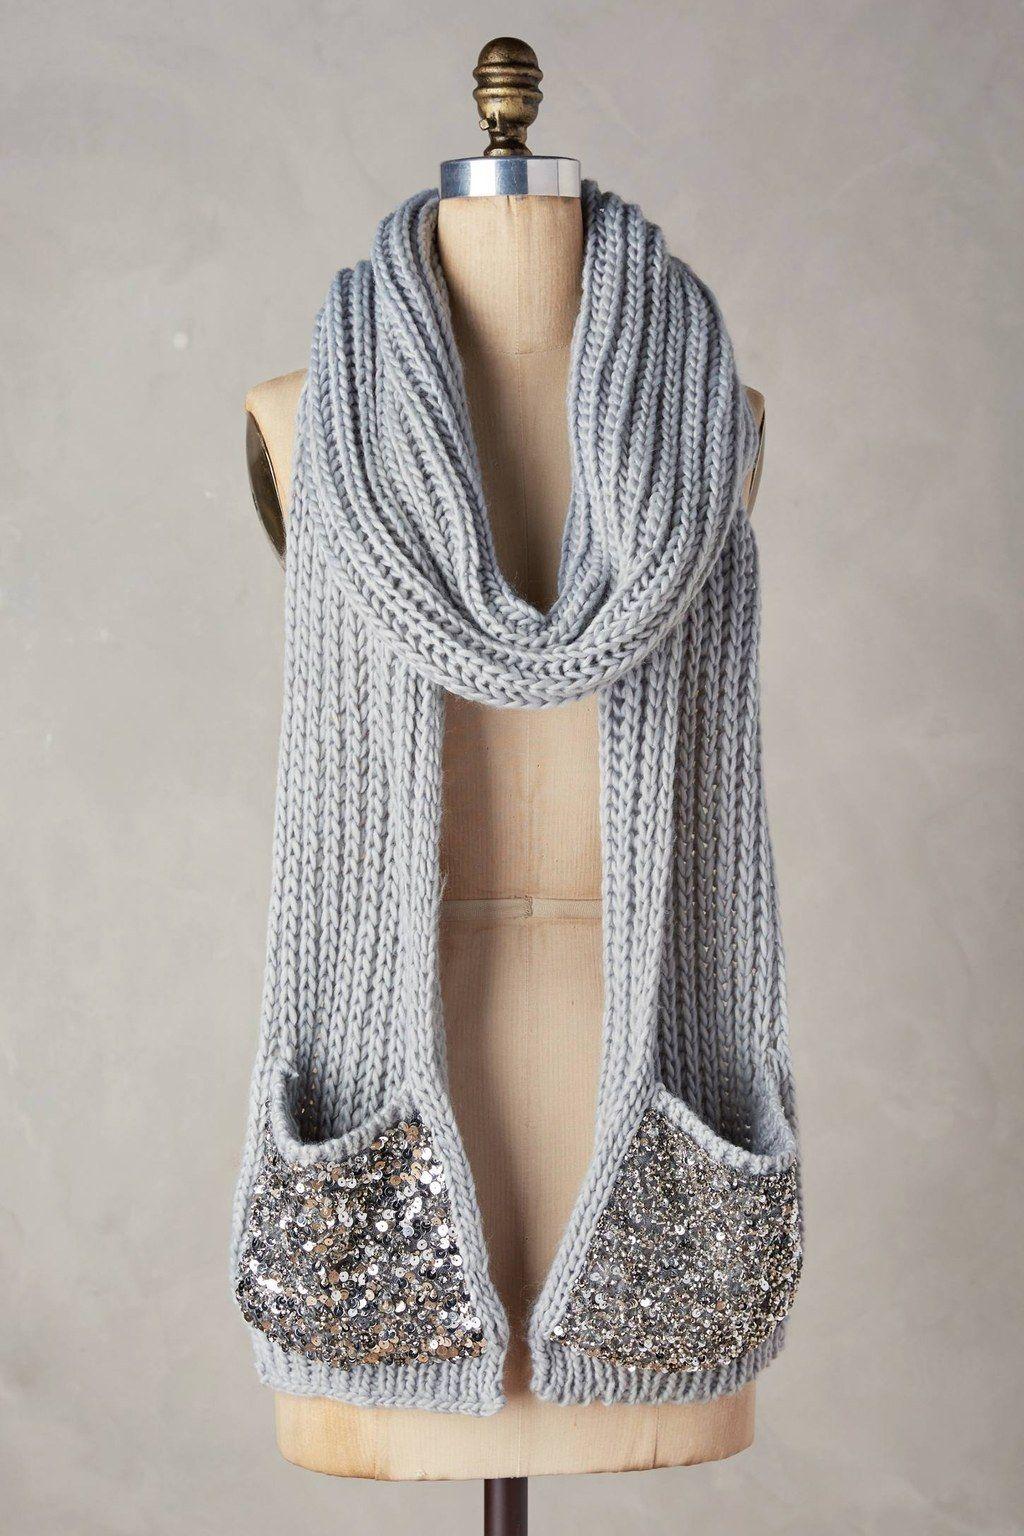 Una bufanda con bolsillos integrados. | cuellos | Pinterest ...